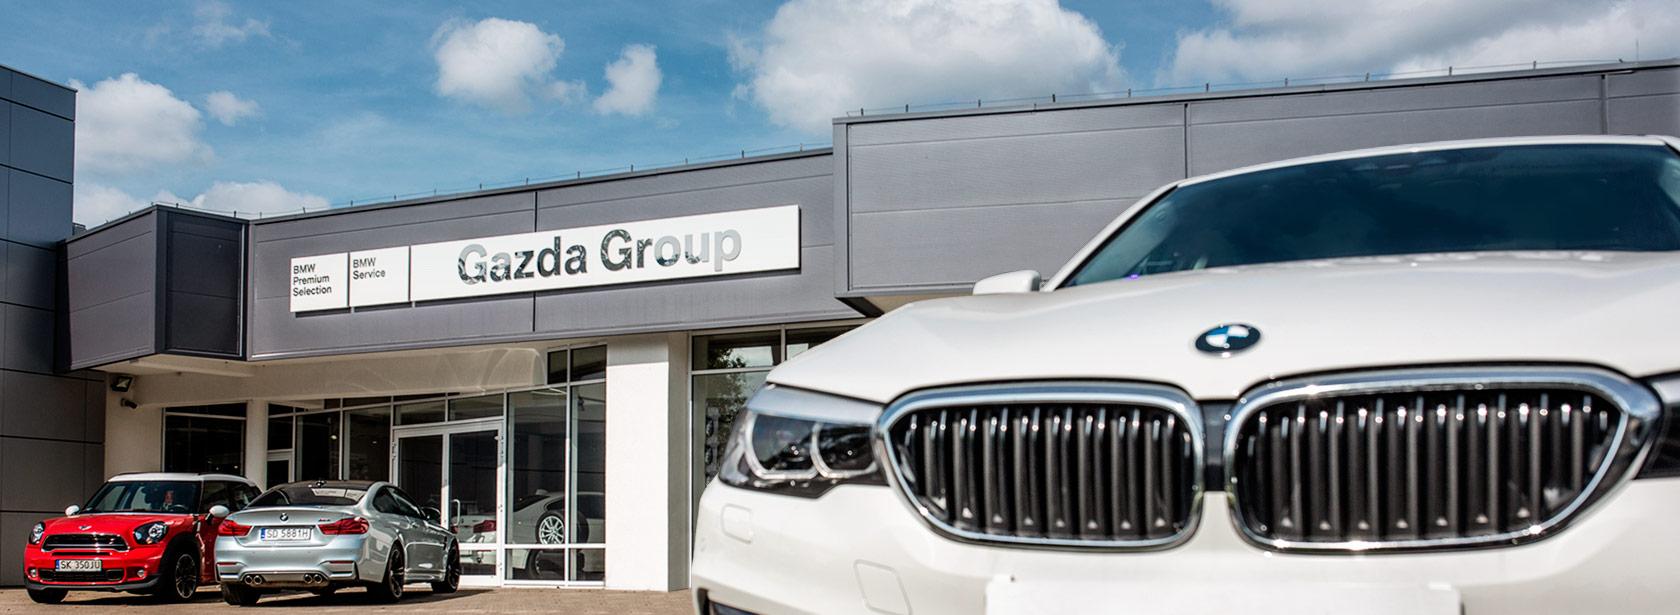 Autoryzowany Serwis BMW Gazda Group Dąbrowa Górnicza.